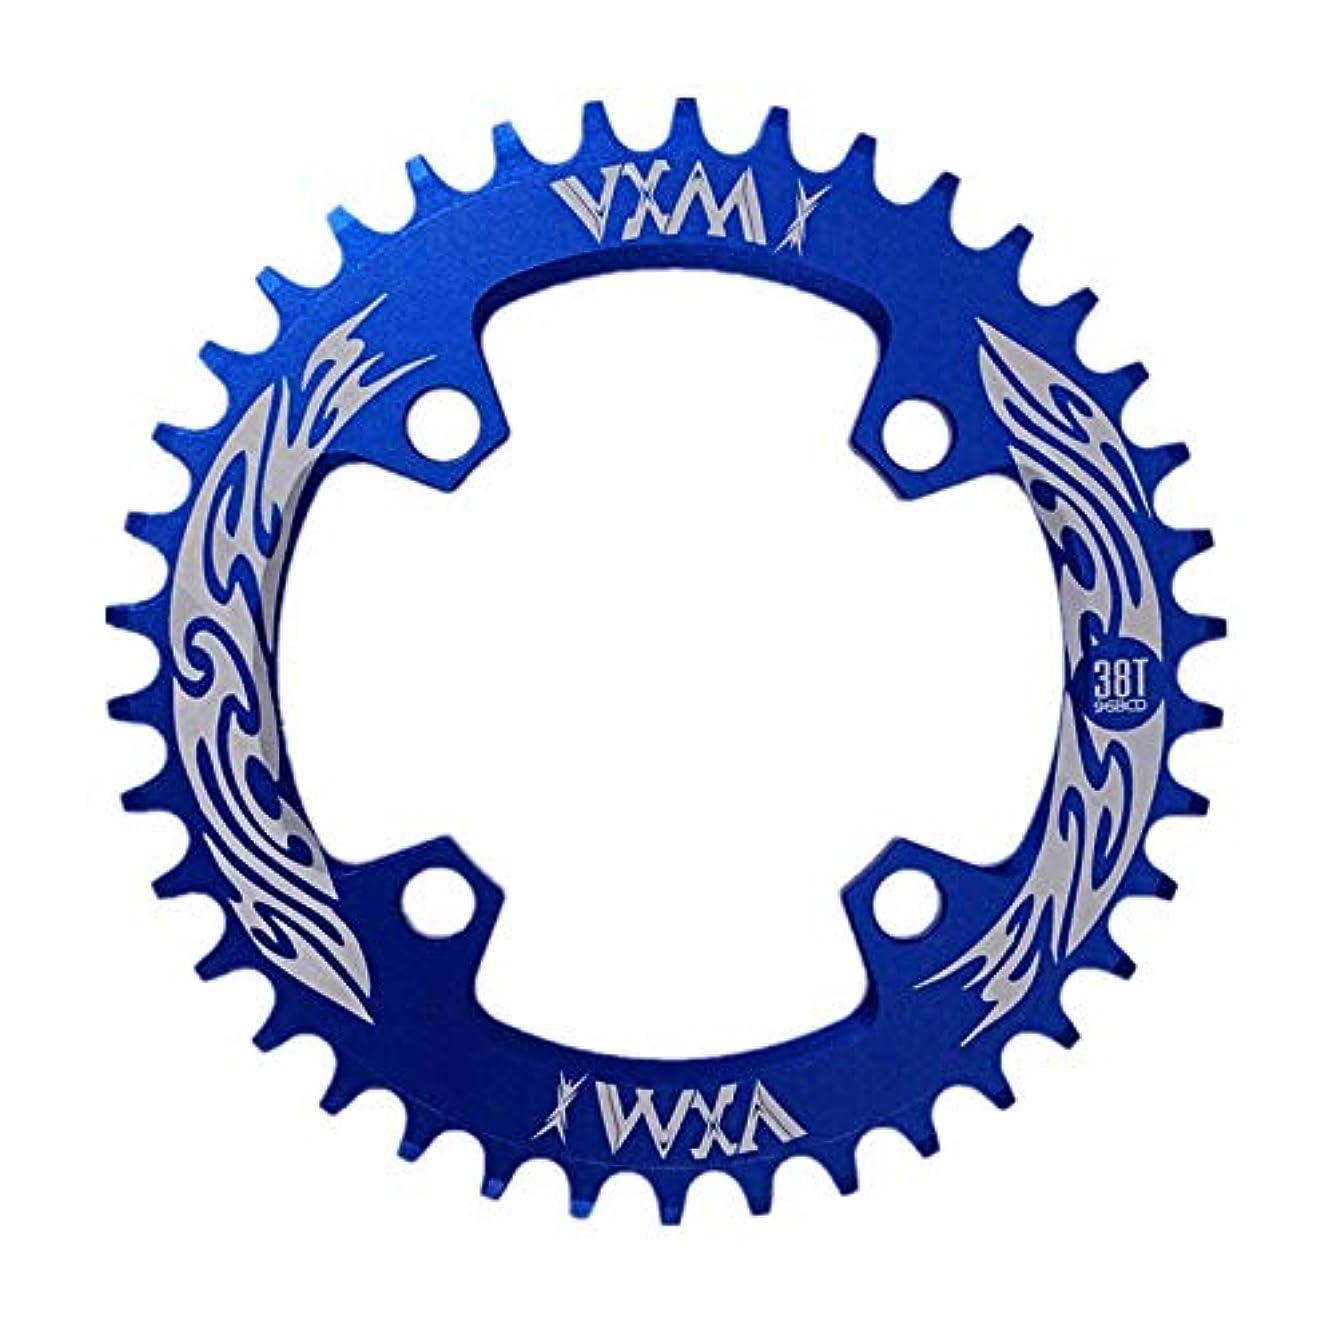 下線コメントストライクPropenary - Bicycle Crank & Chainwheel 96BCD 38T Ultralight Alloy Bike Bicycle Narrow Wide Chainring Round Chainwheel Cycle Crankset [ Blue ]